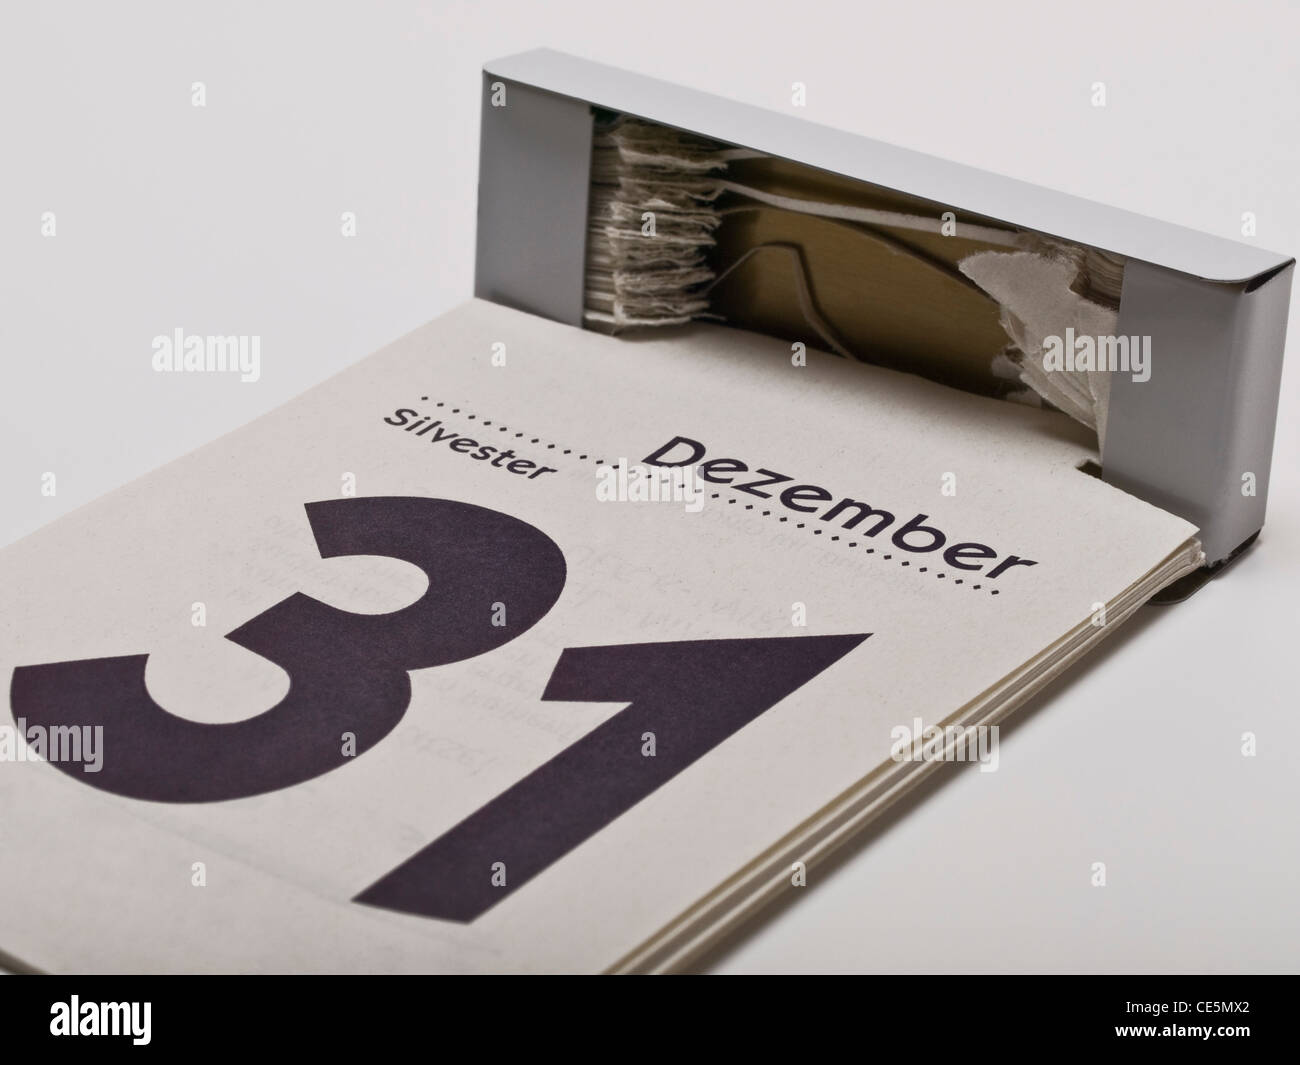 Ein Kalender zeigt den 31. Dezember, Silvester, an | A calendar shows December 31st, New Year's Eve - Stock Image